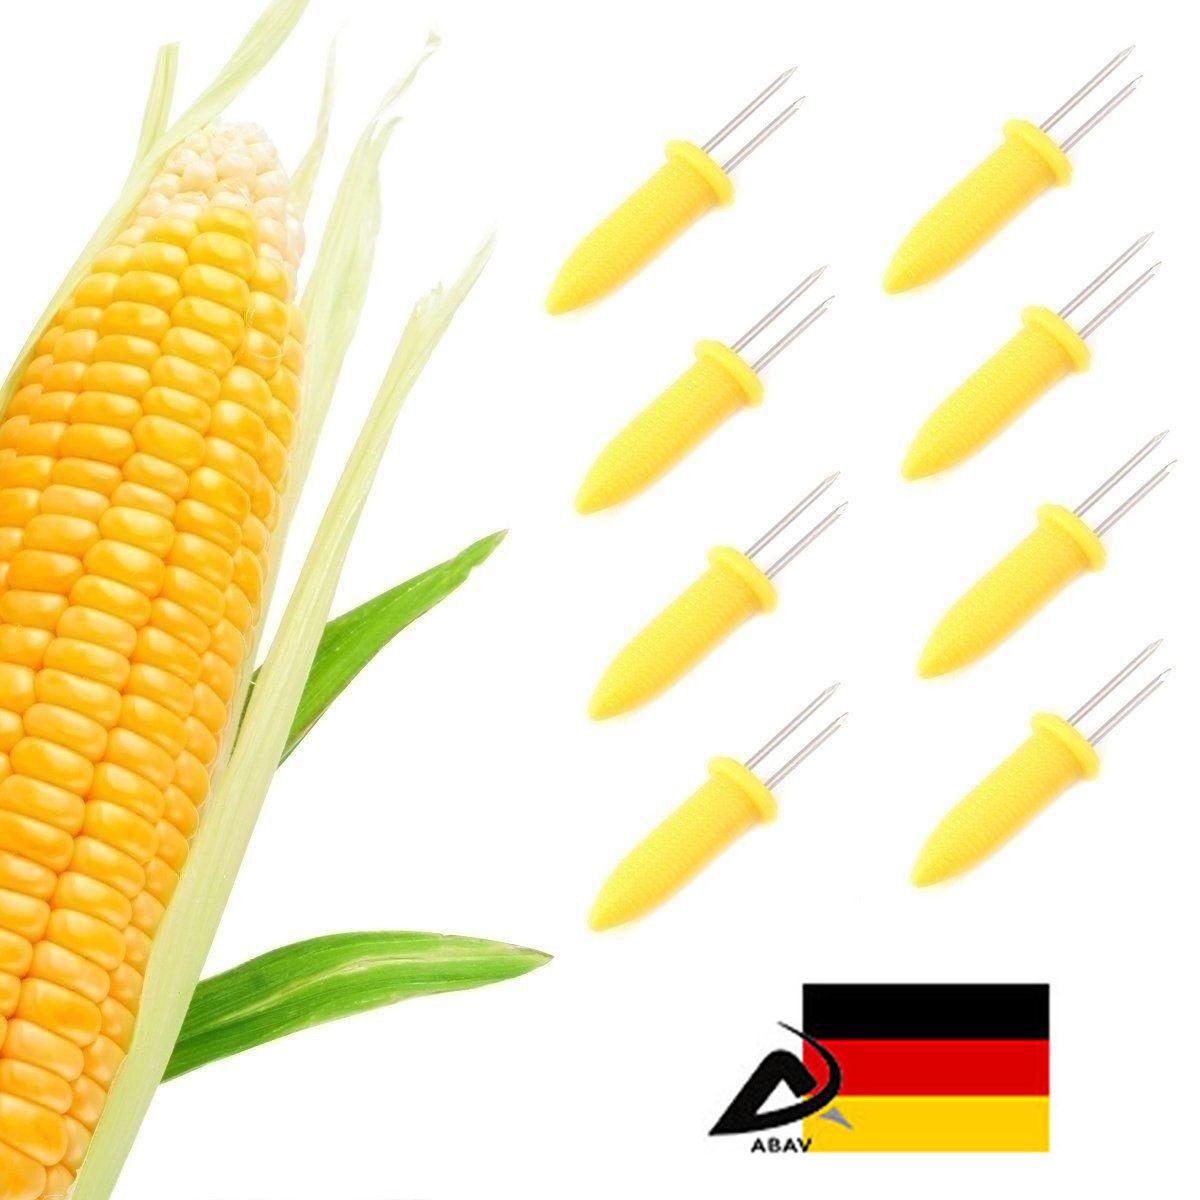 8x  Maiskolbenhalter  BBQ Party Maiskolben Grille Spieße Stocher Halter Corn